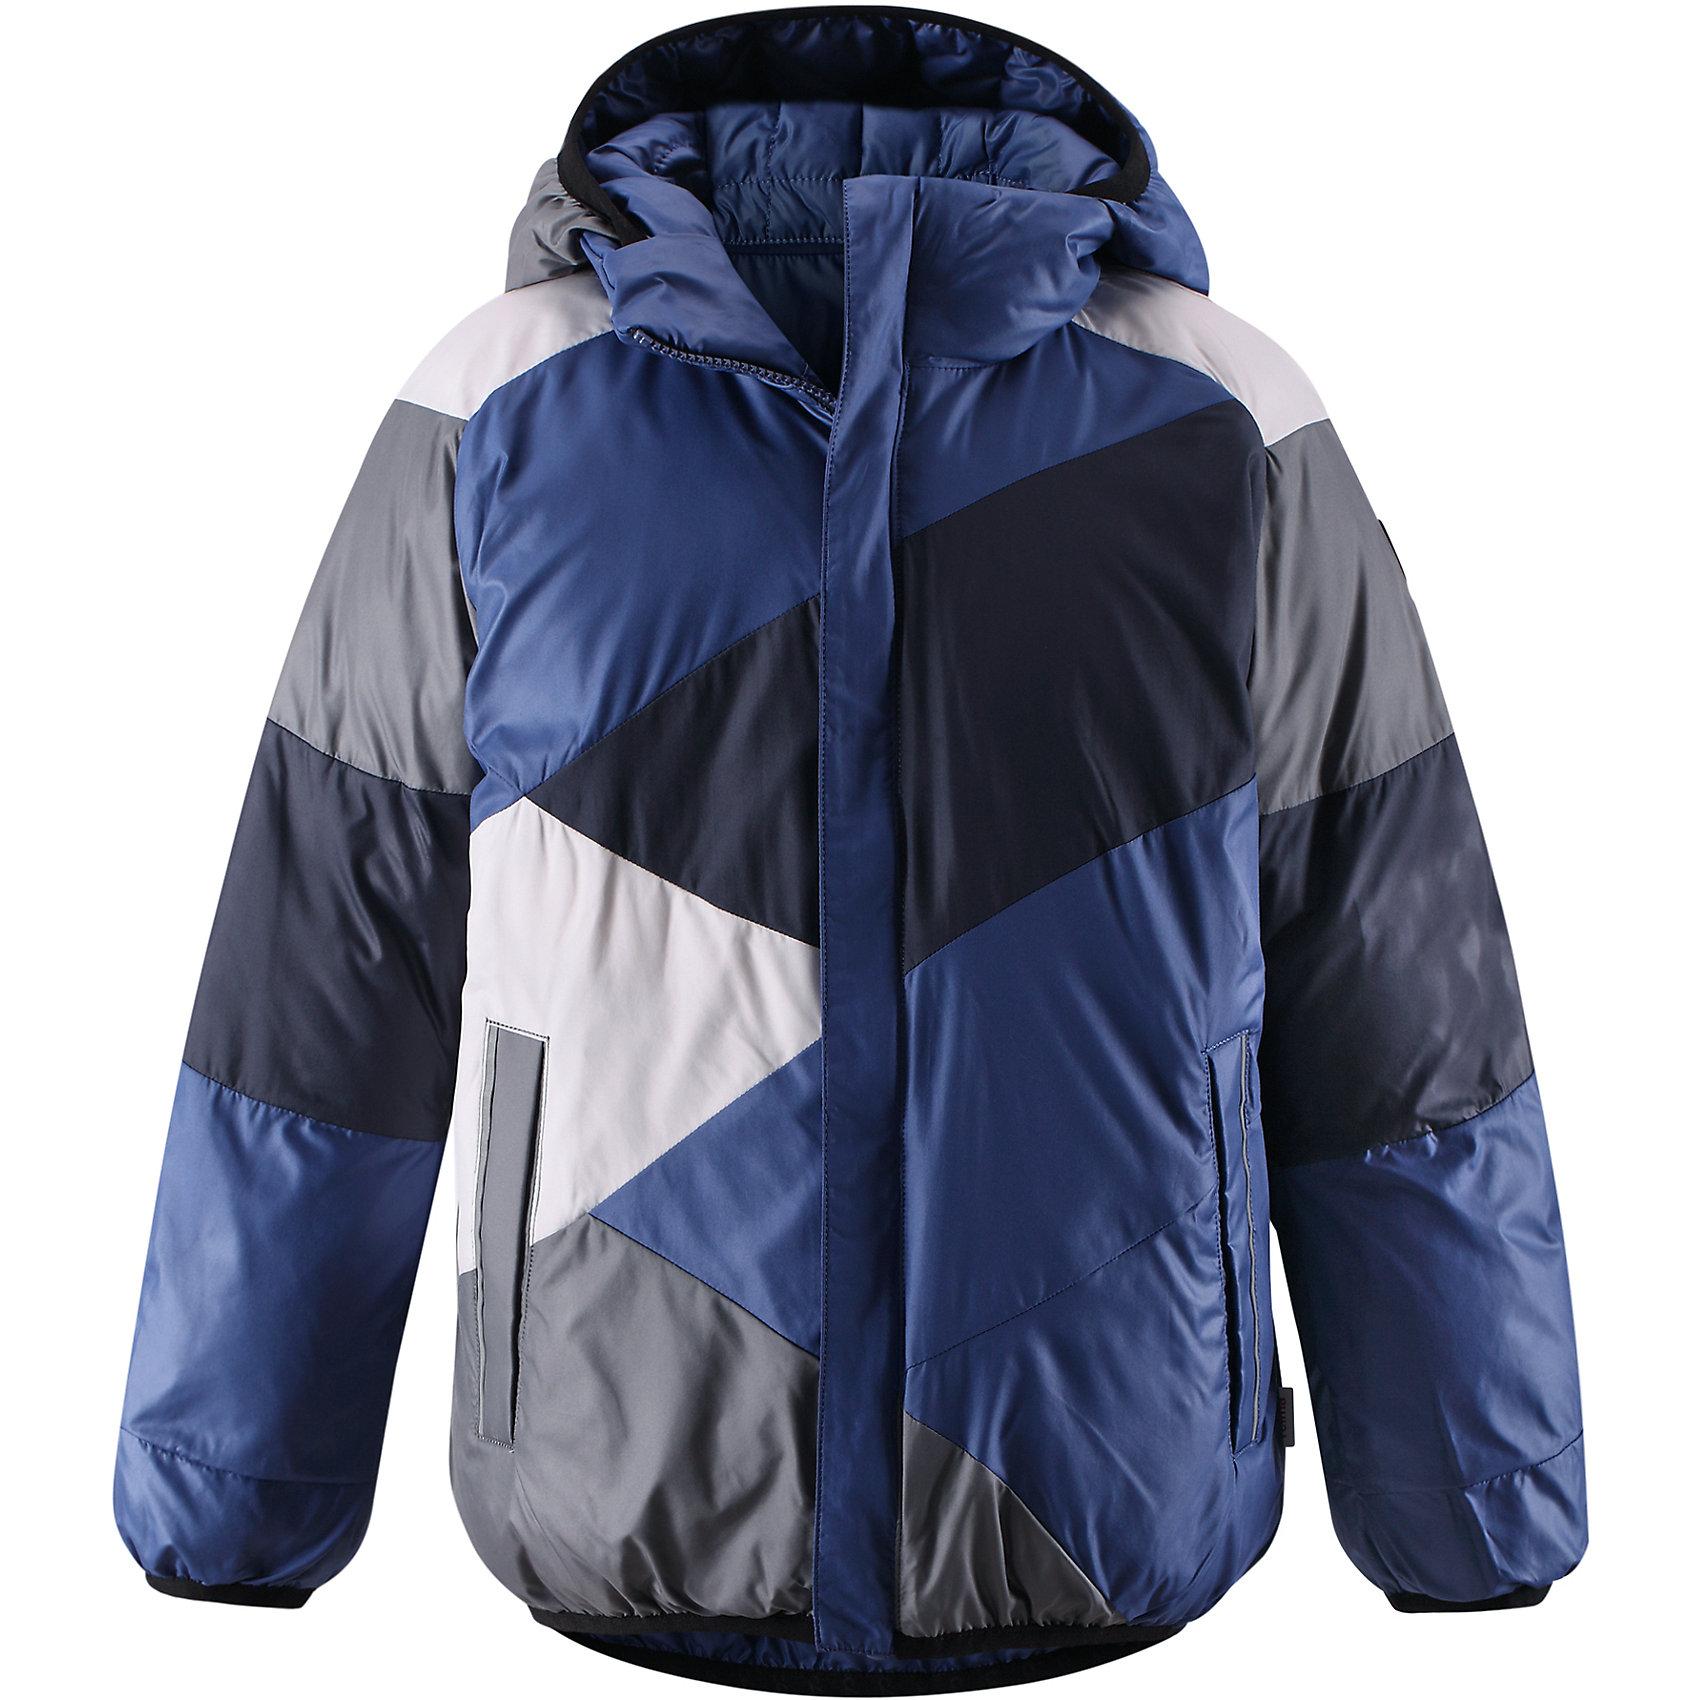 Куртка для мальчика ReimaОдежда<br>Двусторонняя куртка для мальчика от финской марки Reima.<br><br>Сегодня однотонная, а завтра яркая и разноцветная! Этот весёлый двусторонний пуховик для детей согреет любителей прогулок в морозные зимние деньки! Пошит из ветронепроницаемого и пропускающего воздух материала, который отталкивает грязь и влагу.<br><br>В этом пуховике вашему ребёнку будет сухо и тепло на прогулке. Традиционный пуховик прямого покроя со съёмным капюшоном, который защитит от зимнего ветра. На этой великолепной зимней куртке имеется множество светоотражающих деталей, например, светоотражающие канты на карманах. Съёмный капюшон обеспечивает дополнительную надёжность - если закреплённый кнопками капюшон зацепится за что-нибудь, он легко отстегнётся. Выберите свой любимый цвет среди модных в этом сезоне расцветок!<br>- Двусторонний пуховик для подростков<br>- Одна сторона однотонная, другая - разноцветная<br>- Карманы на молниях<br>- Эластичный кант на манжетах рукавов, по краю капюшона и подола<br>- Безопасный съёмный капюшон<br><br>Состав:<br>100% ПЭ<br><br>Ширина мм: 356<br>Глубина мм: 10<br>Высота мм: 245<br>Вес г: 519<br>Цвет: синий<br>Возраст от месяцев: 36<br>Возраст до месяцев: 48<br>Пол: Мужской<br>Возраст: Детский<br>Размер: 104,128,146,164,116,158,152,140,134,122,110<br>SKU: 4632063